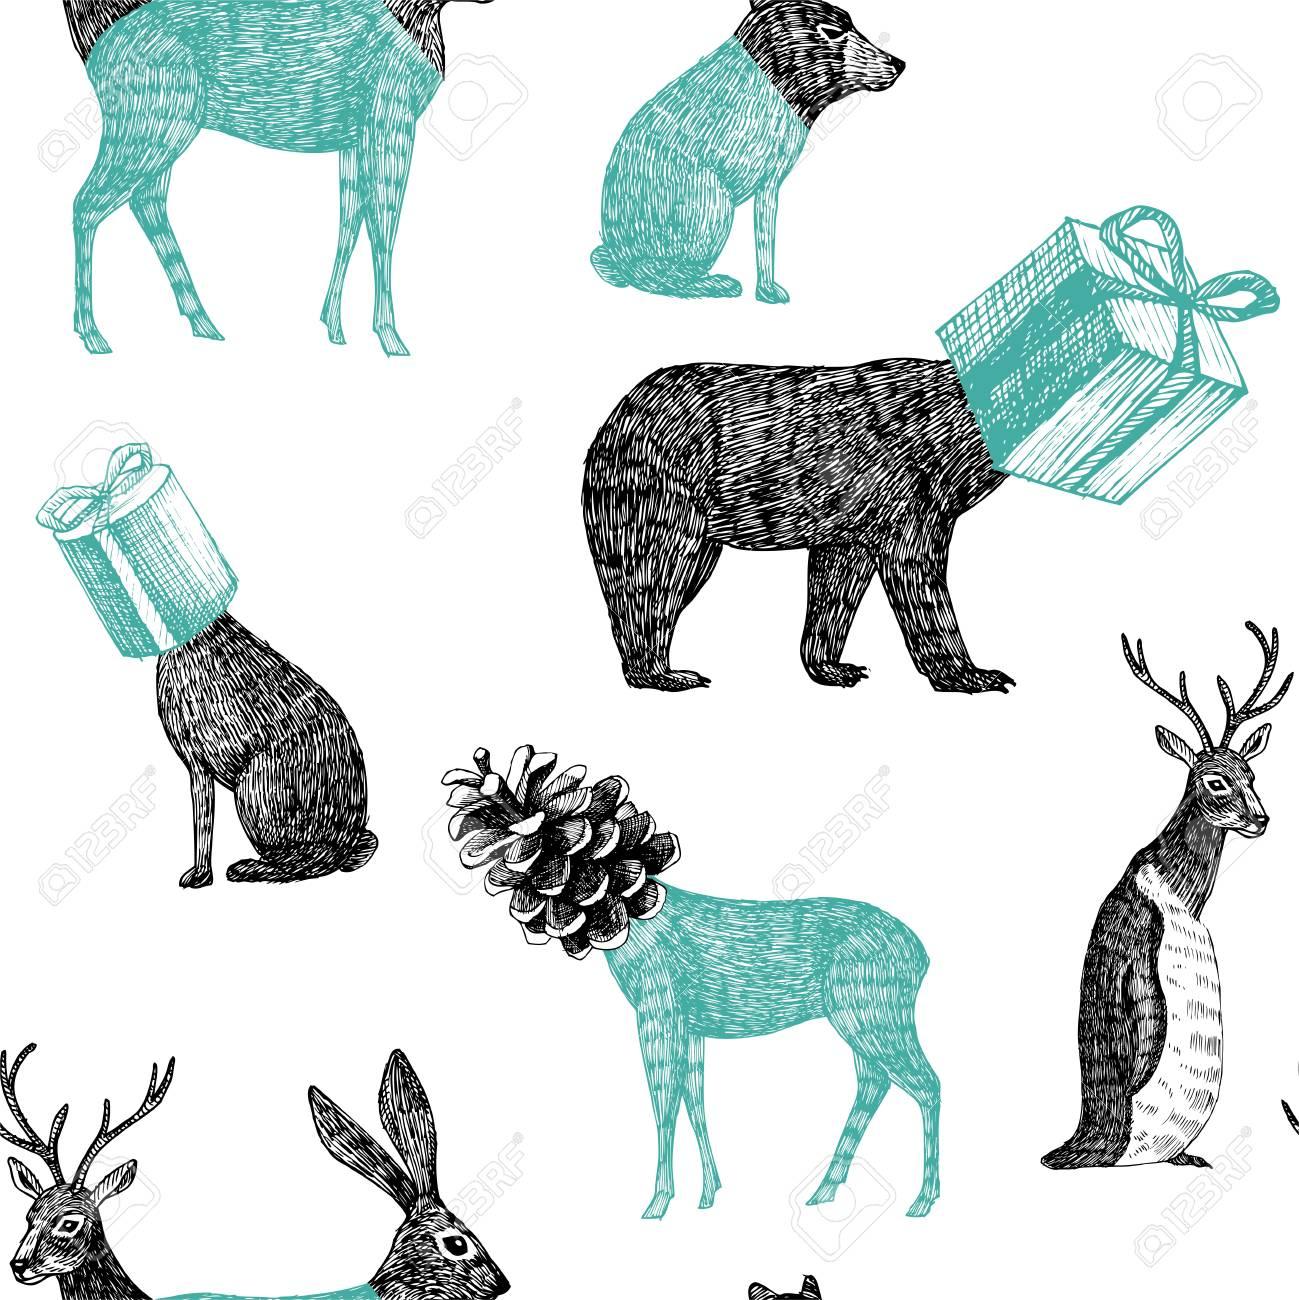 トレンディな手の冬クリスマス イラスト描かれた黒の鉛筆動物